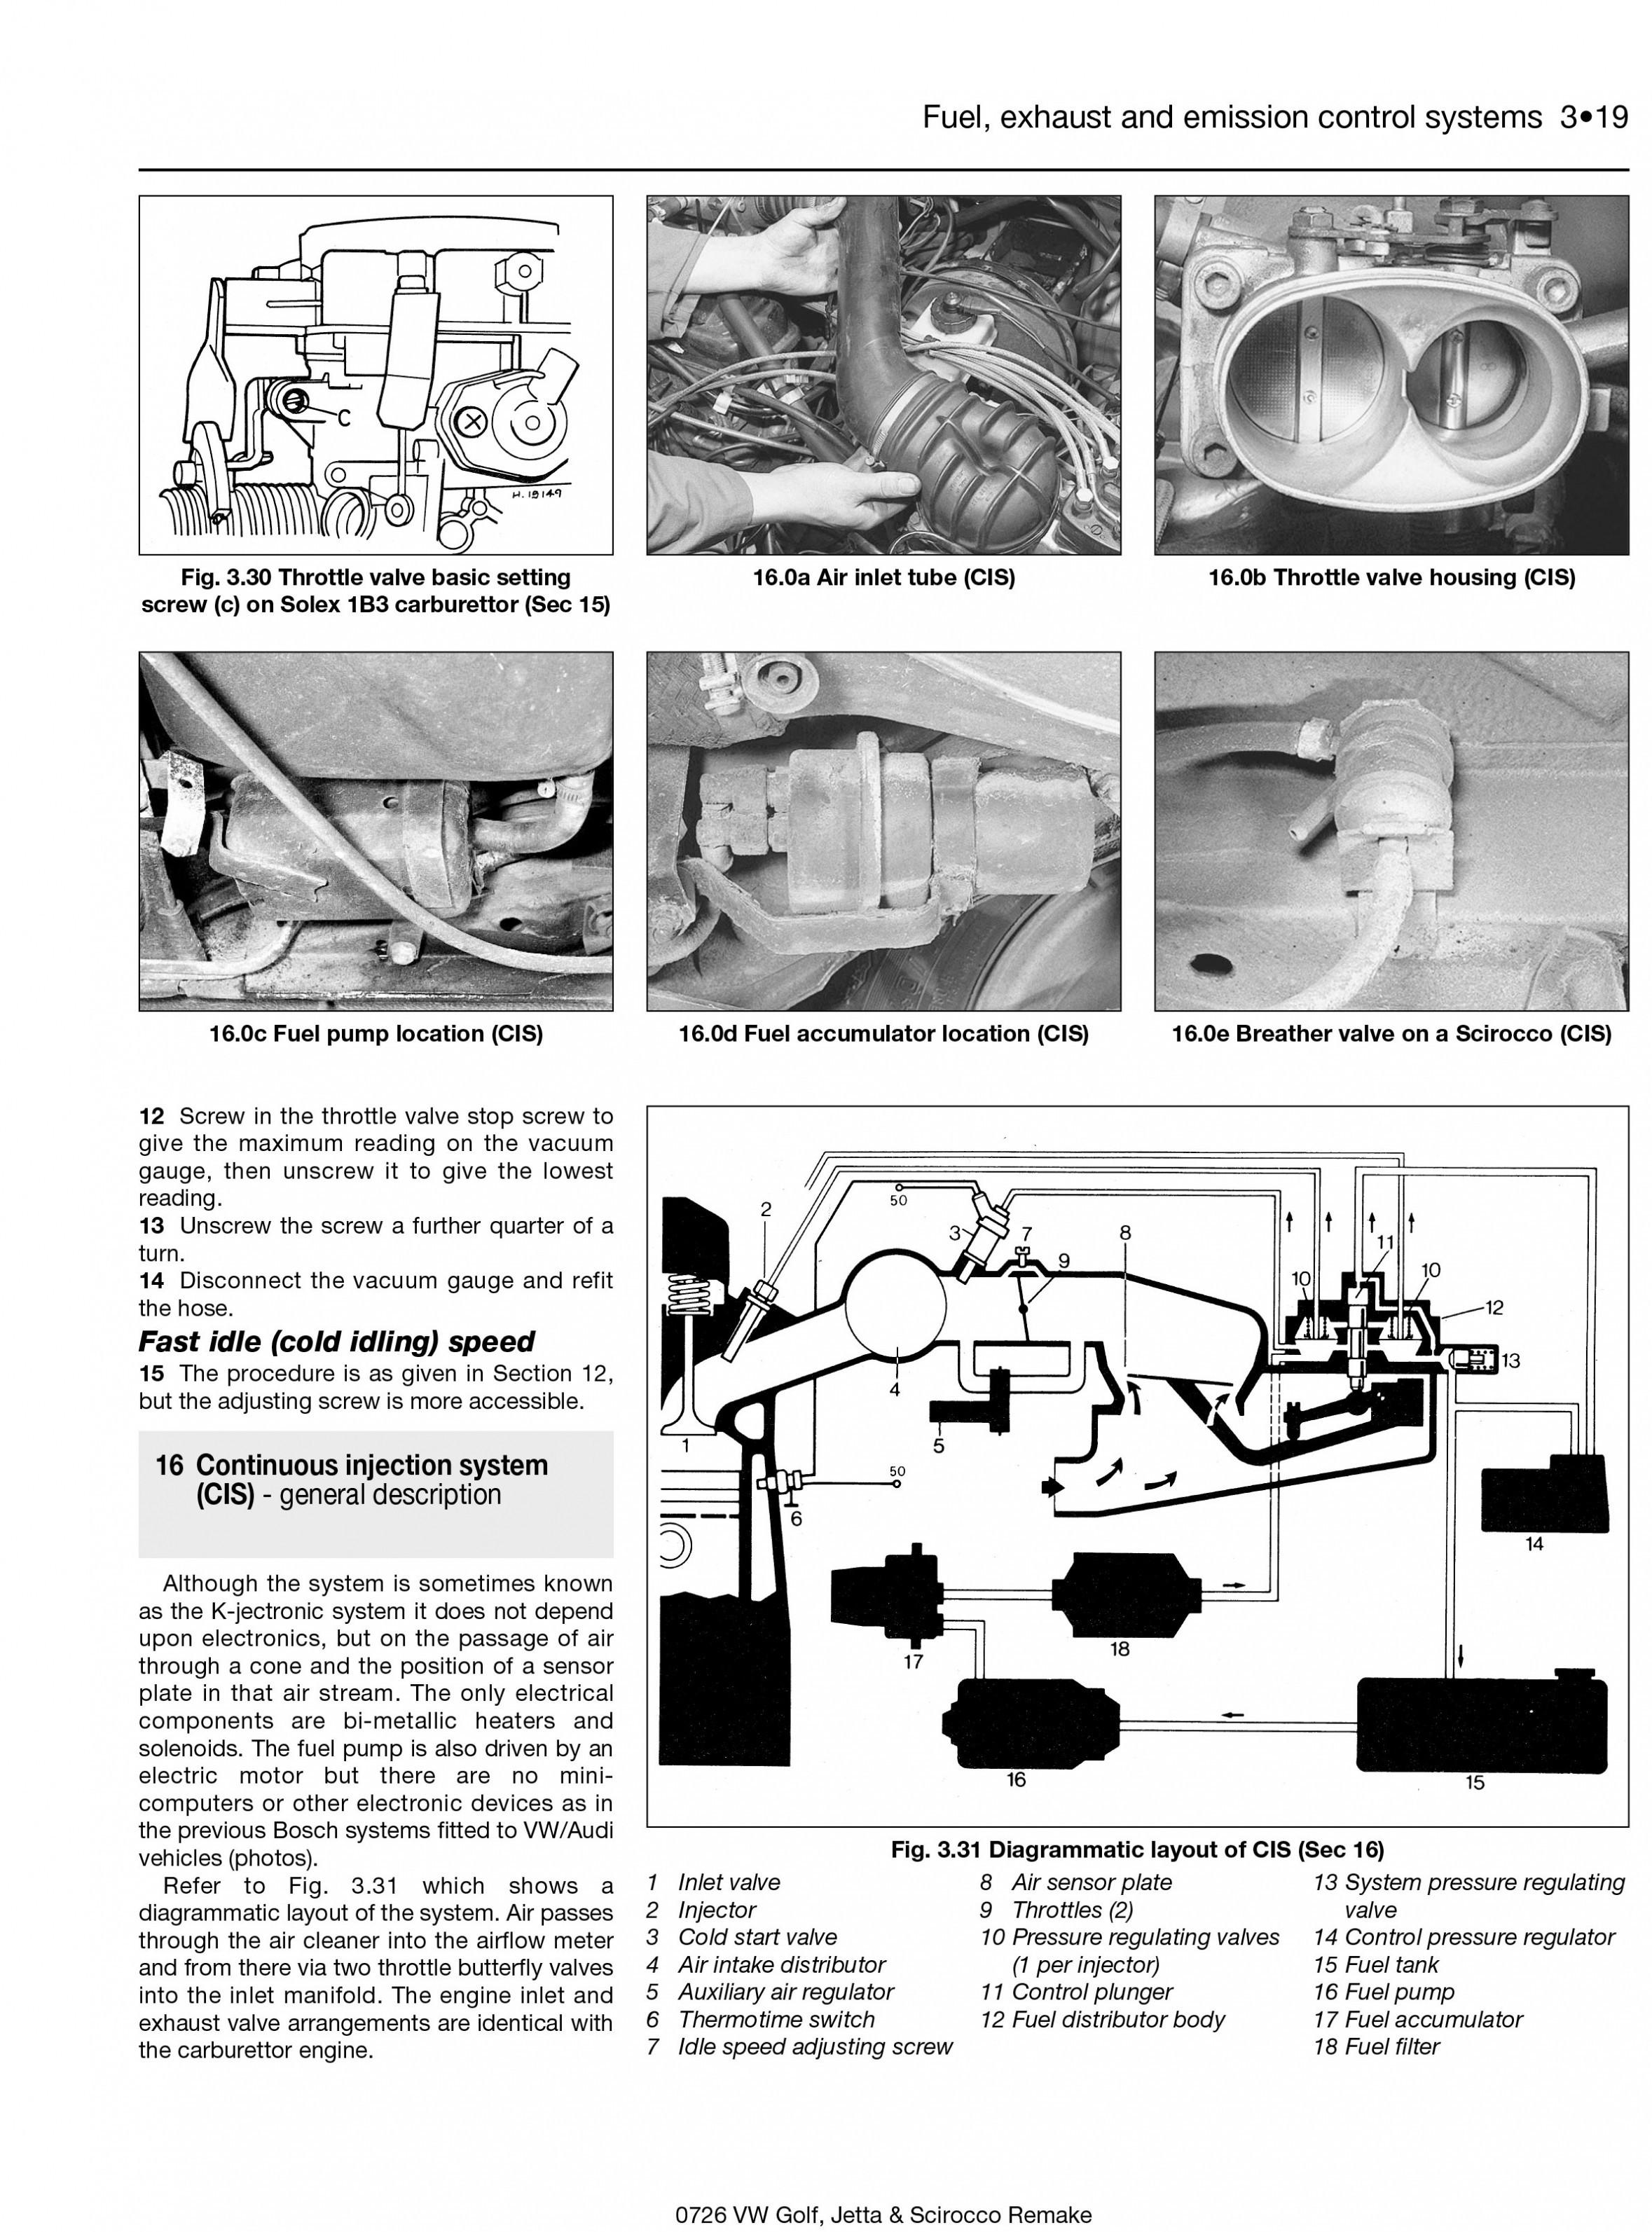 Array polaris watermatic g1000 manual ebook rh polaris watermatic g1000 manual ebook mollysm